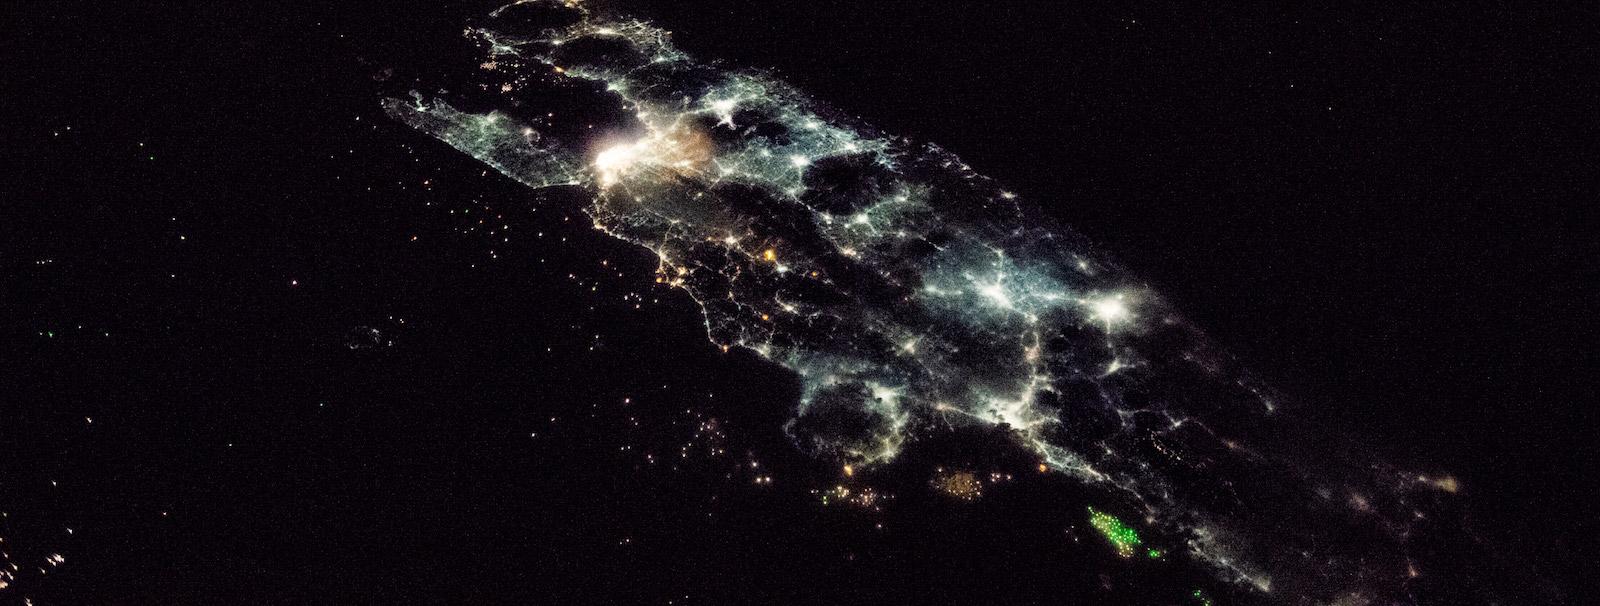 Java, Indonesia (Photo: NASA)